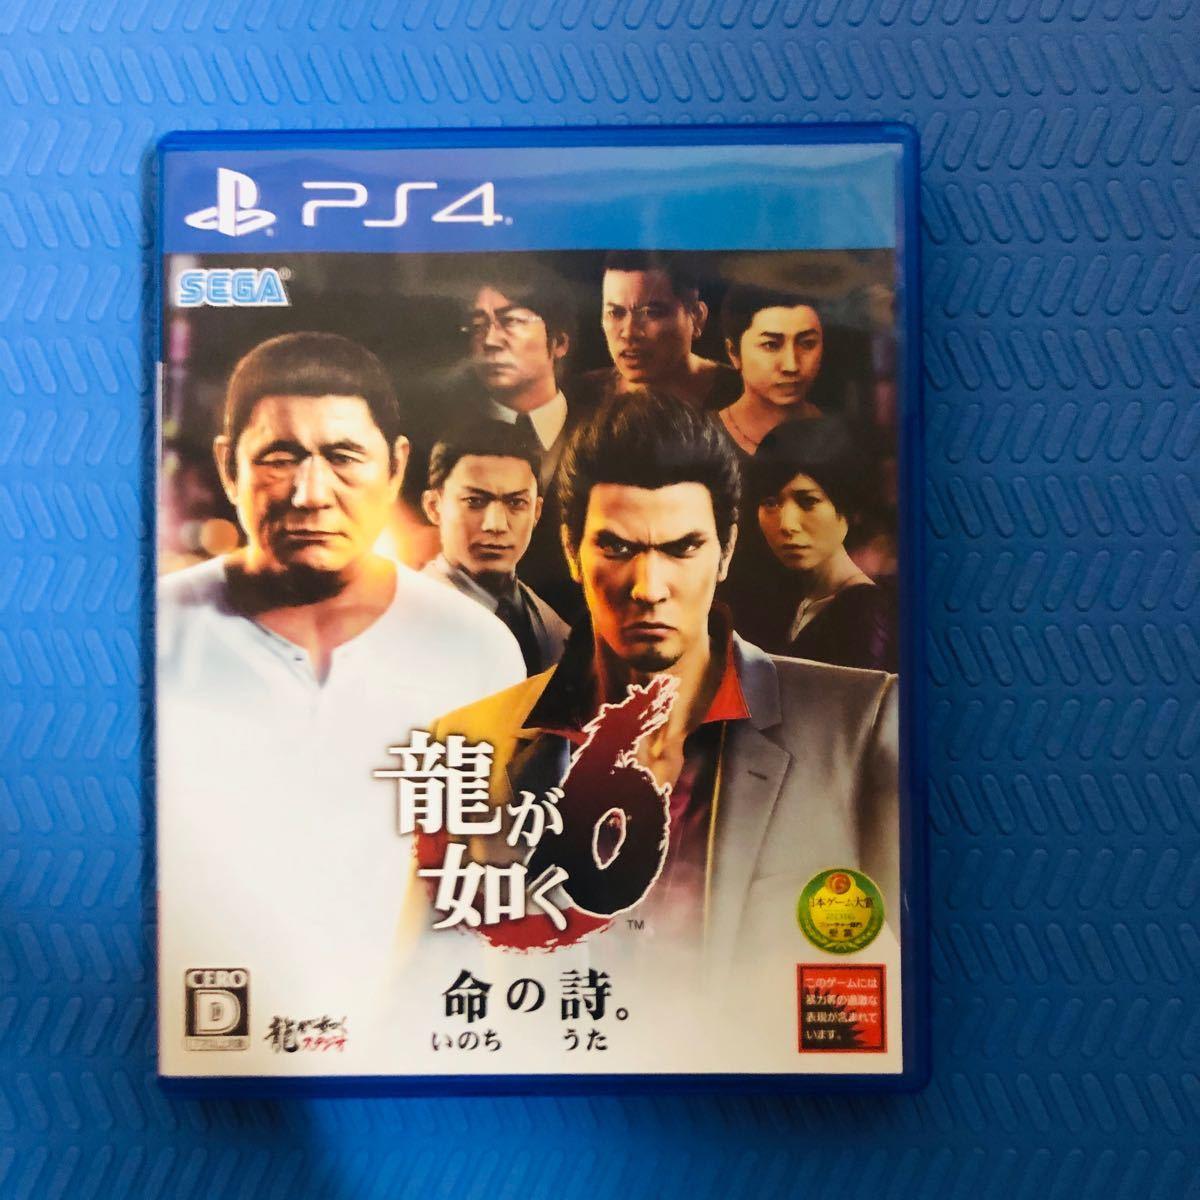 龍が如く 6 命の詩 PS4ソフト 値下げ不可